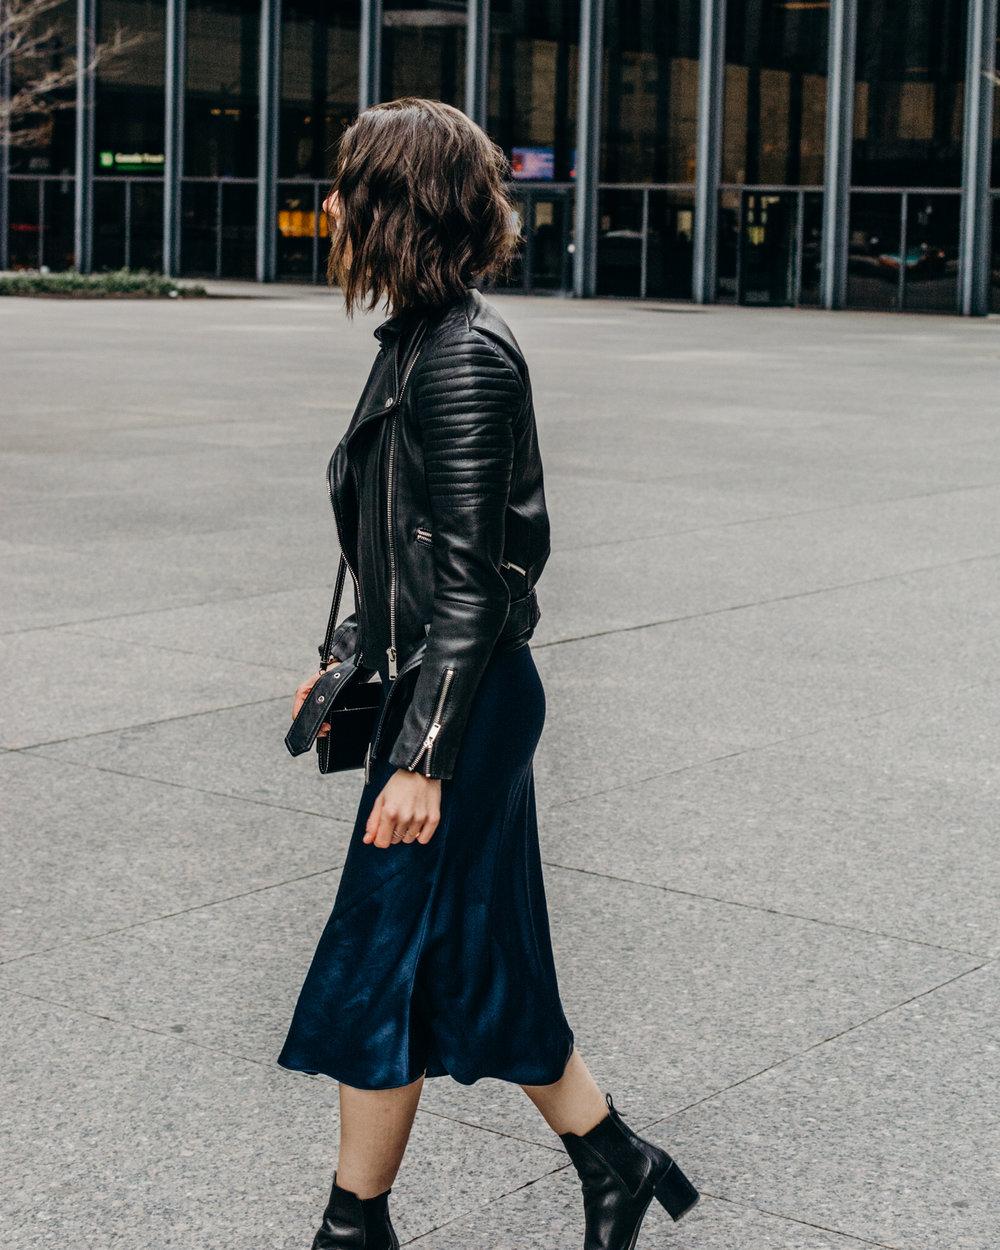 aritzia christine slip dress silk slip dress style apotheca fashion blogger toronto blogger toronto style